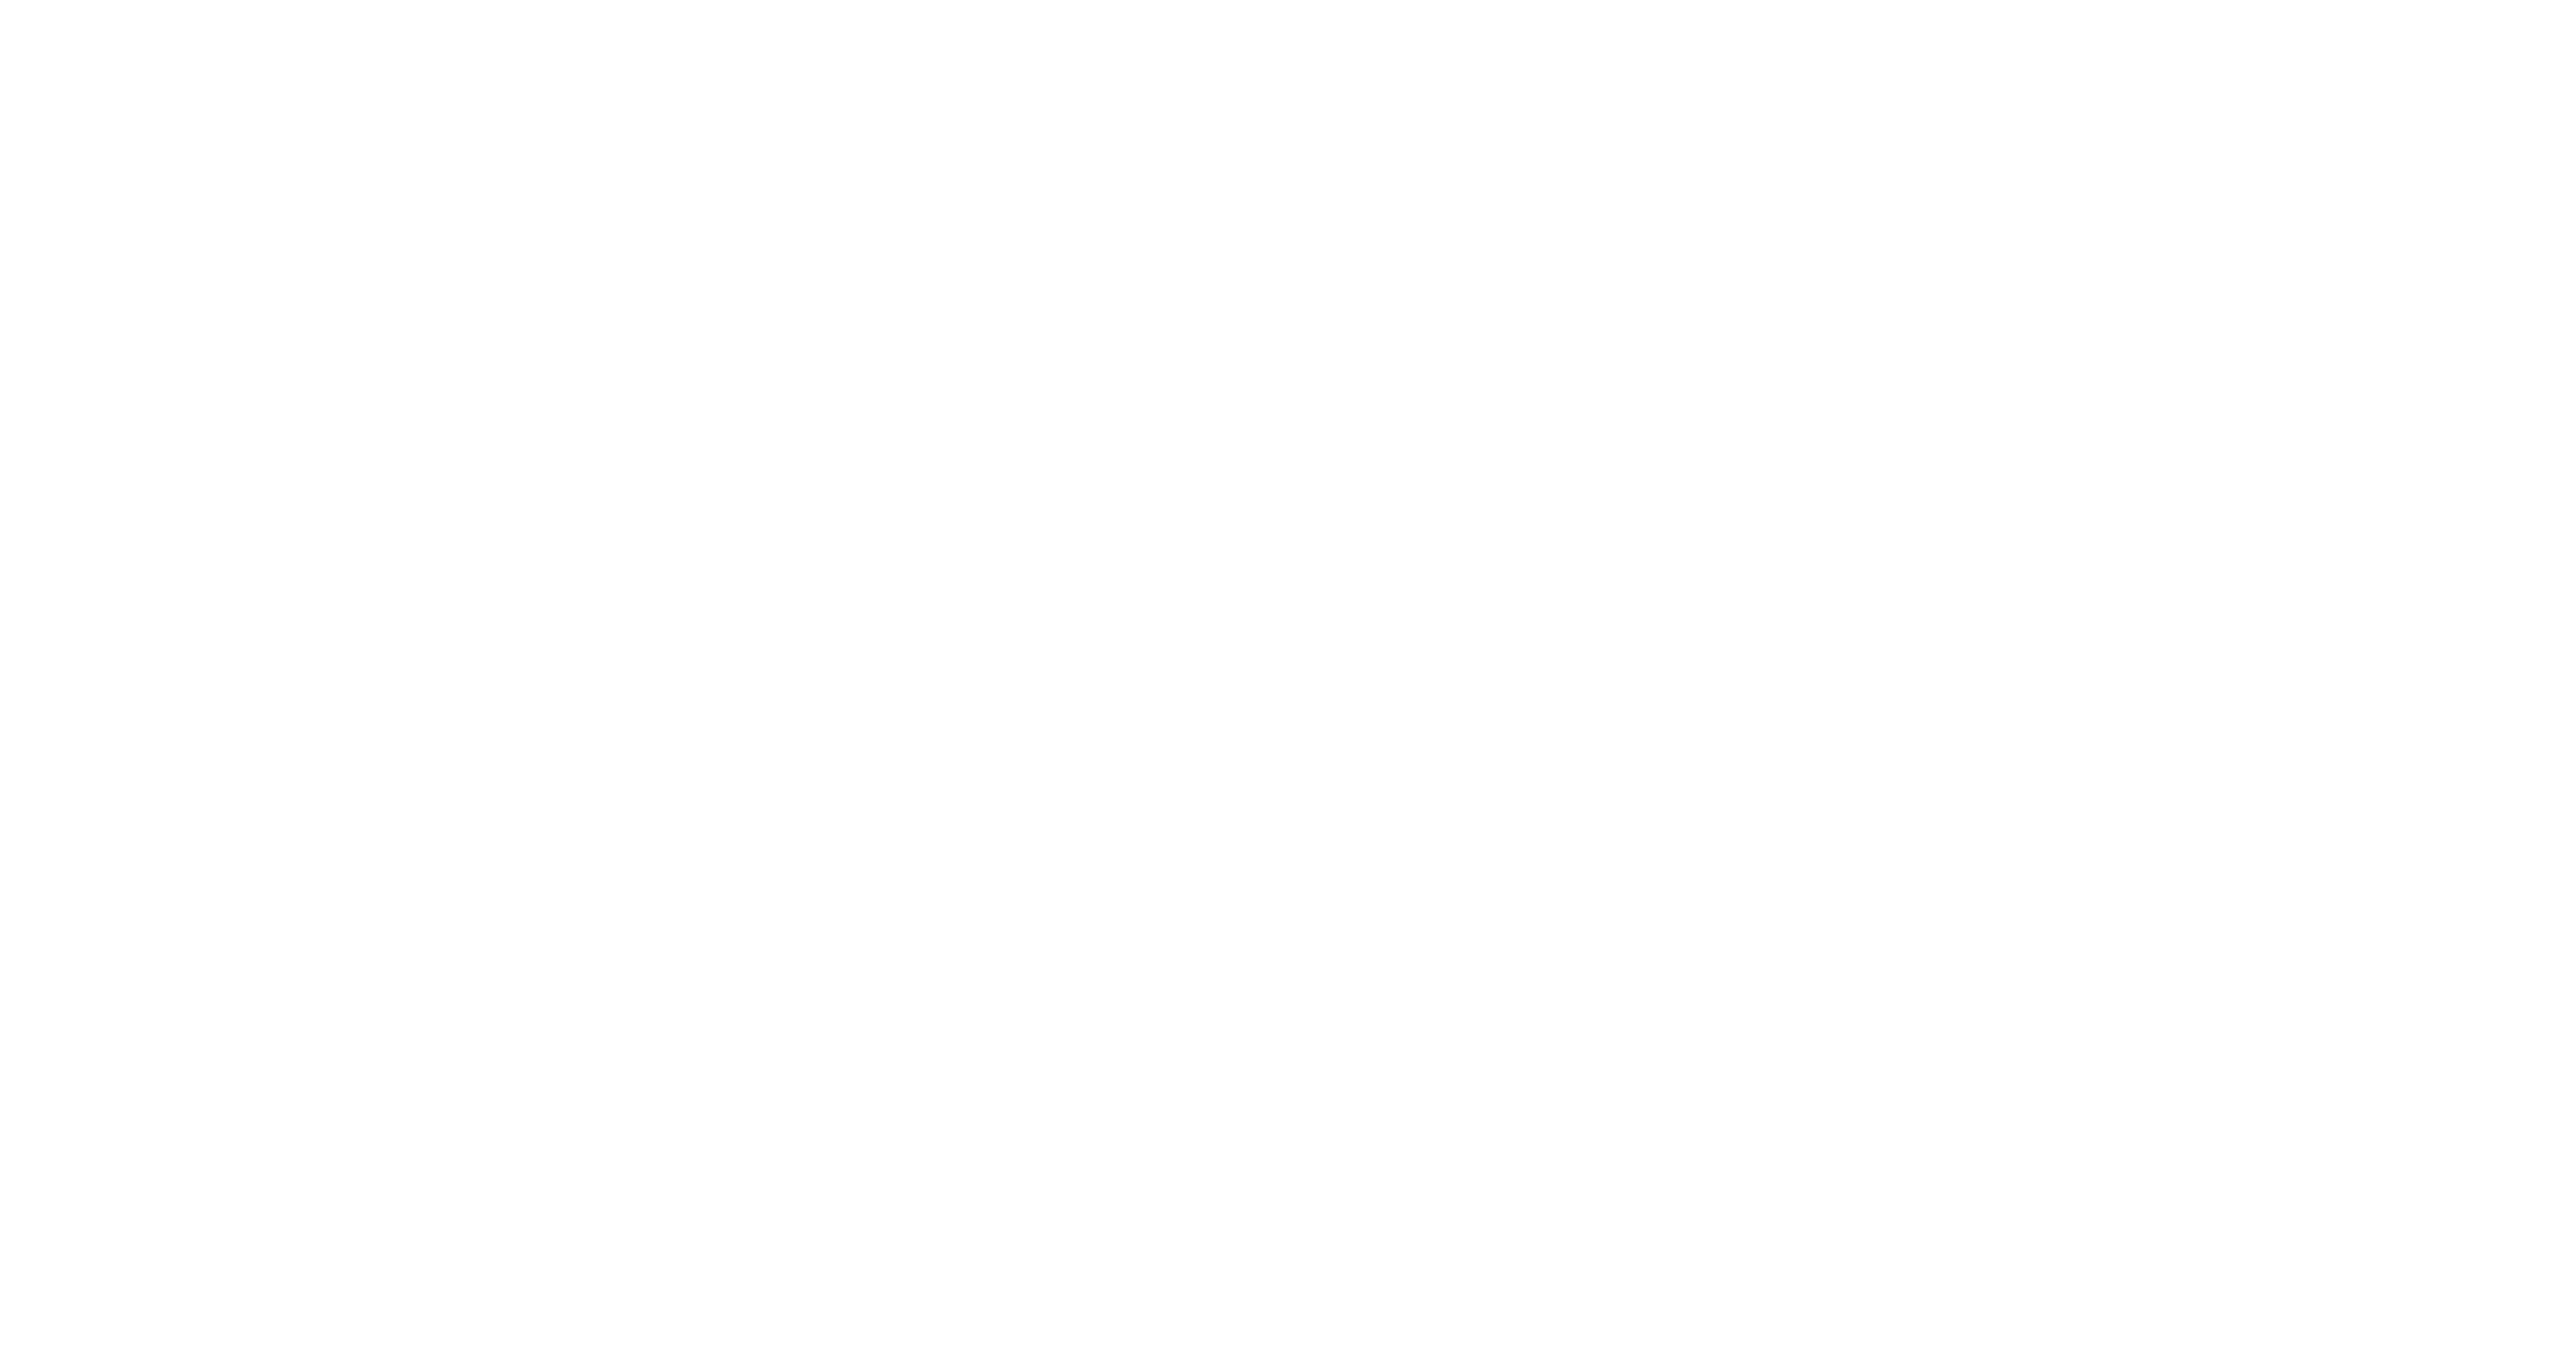 Frauen*volksbegehren Logo